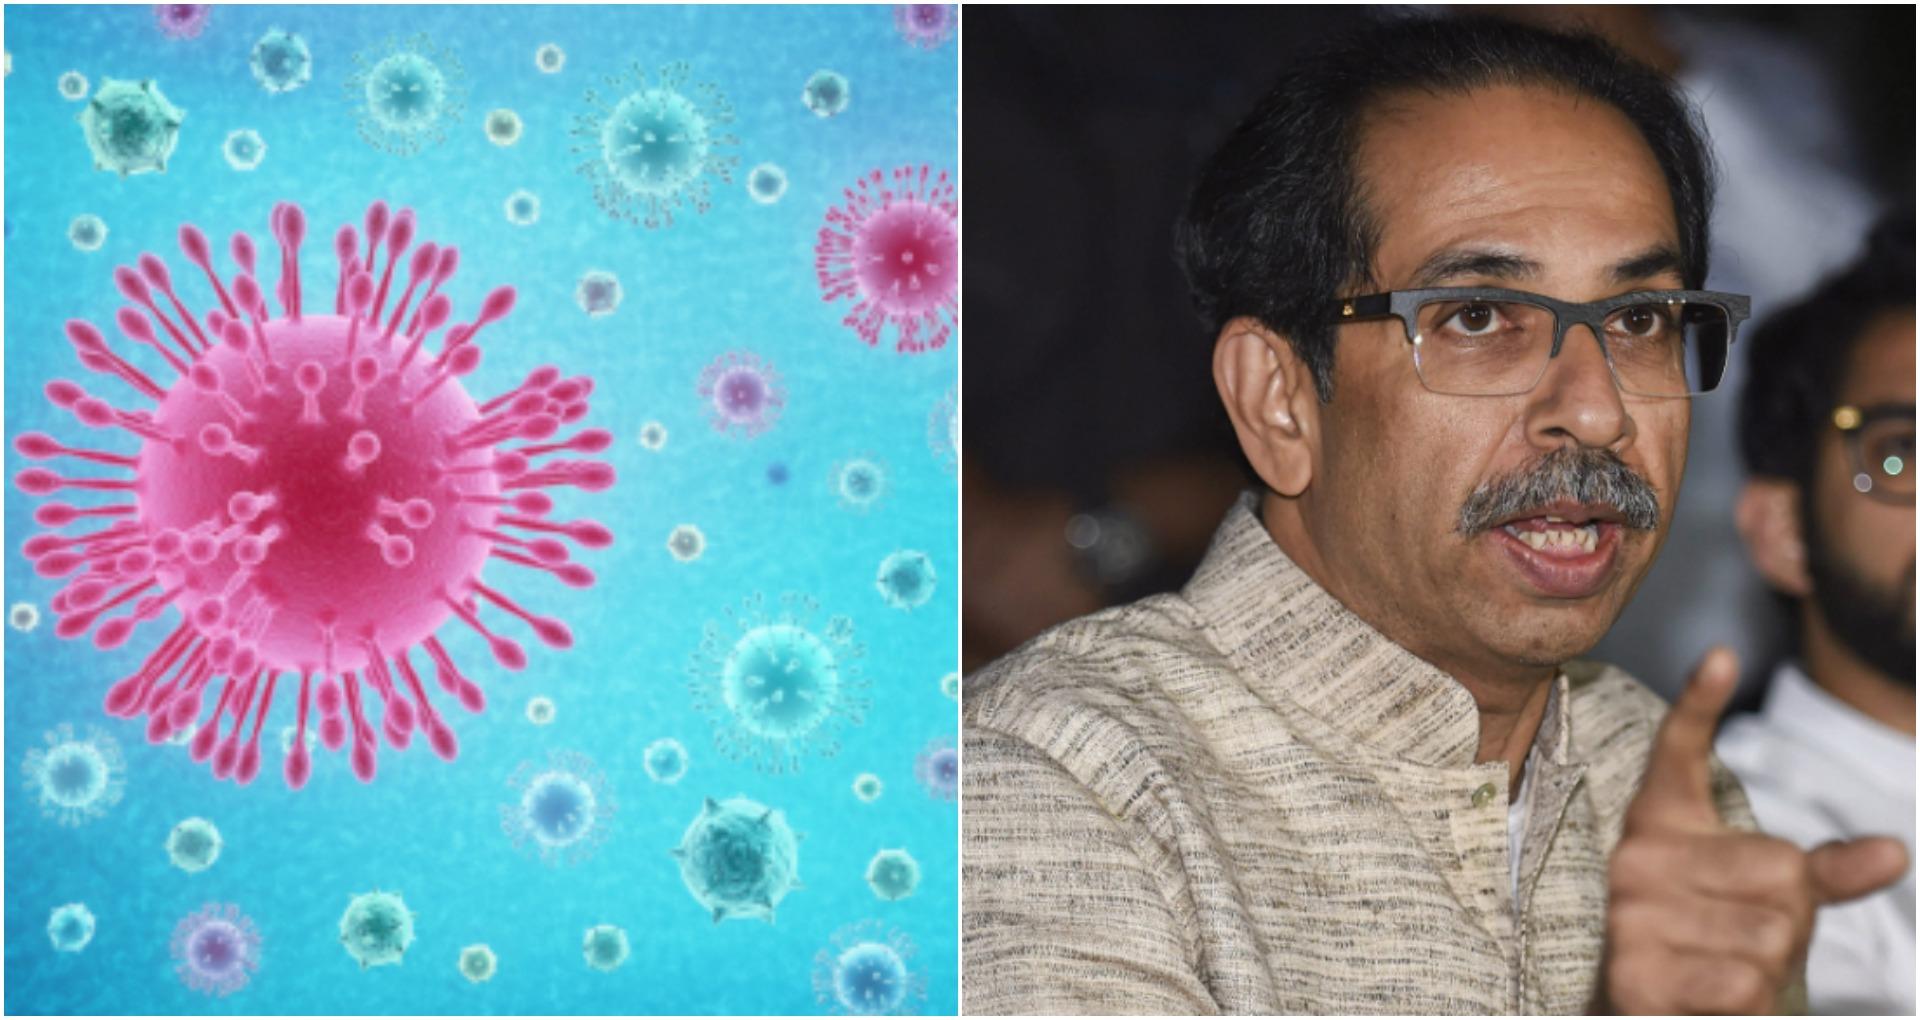 Coronavirus Mumbai Update: मुंबई में पाए गए 2 कोरोना मरीज़, मुख्यमंत्री उद्धव ठाकरे ने कहीं ये बात